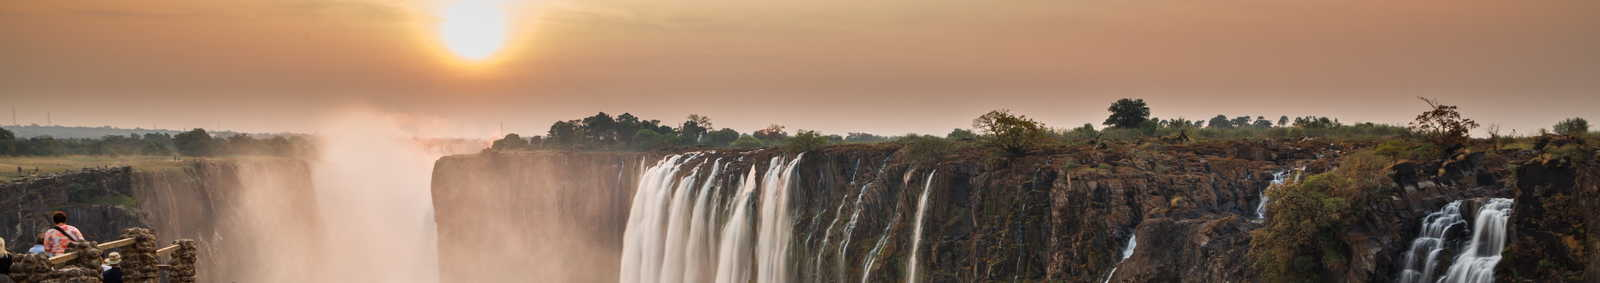 Sunset at Victoria Falls, Zambia